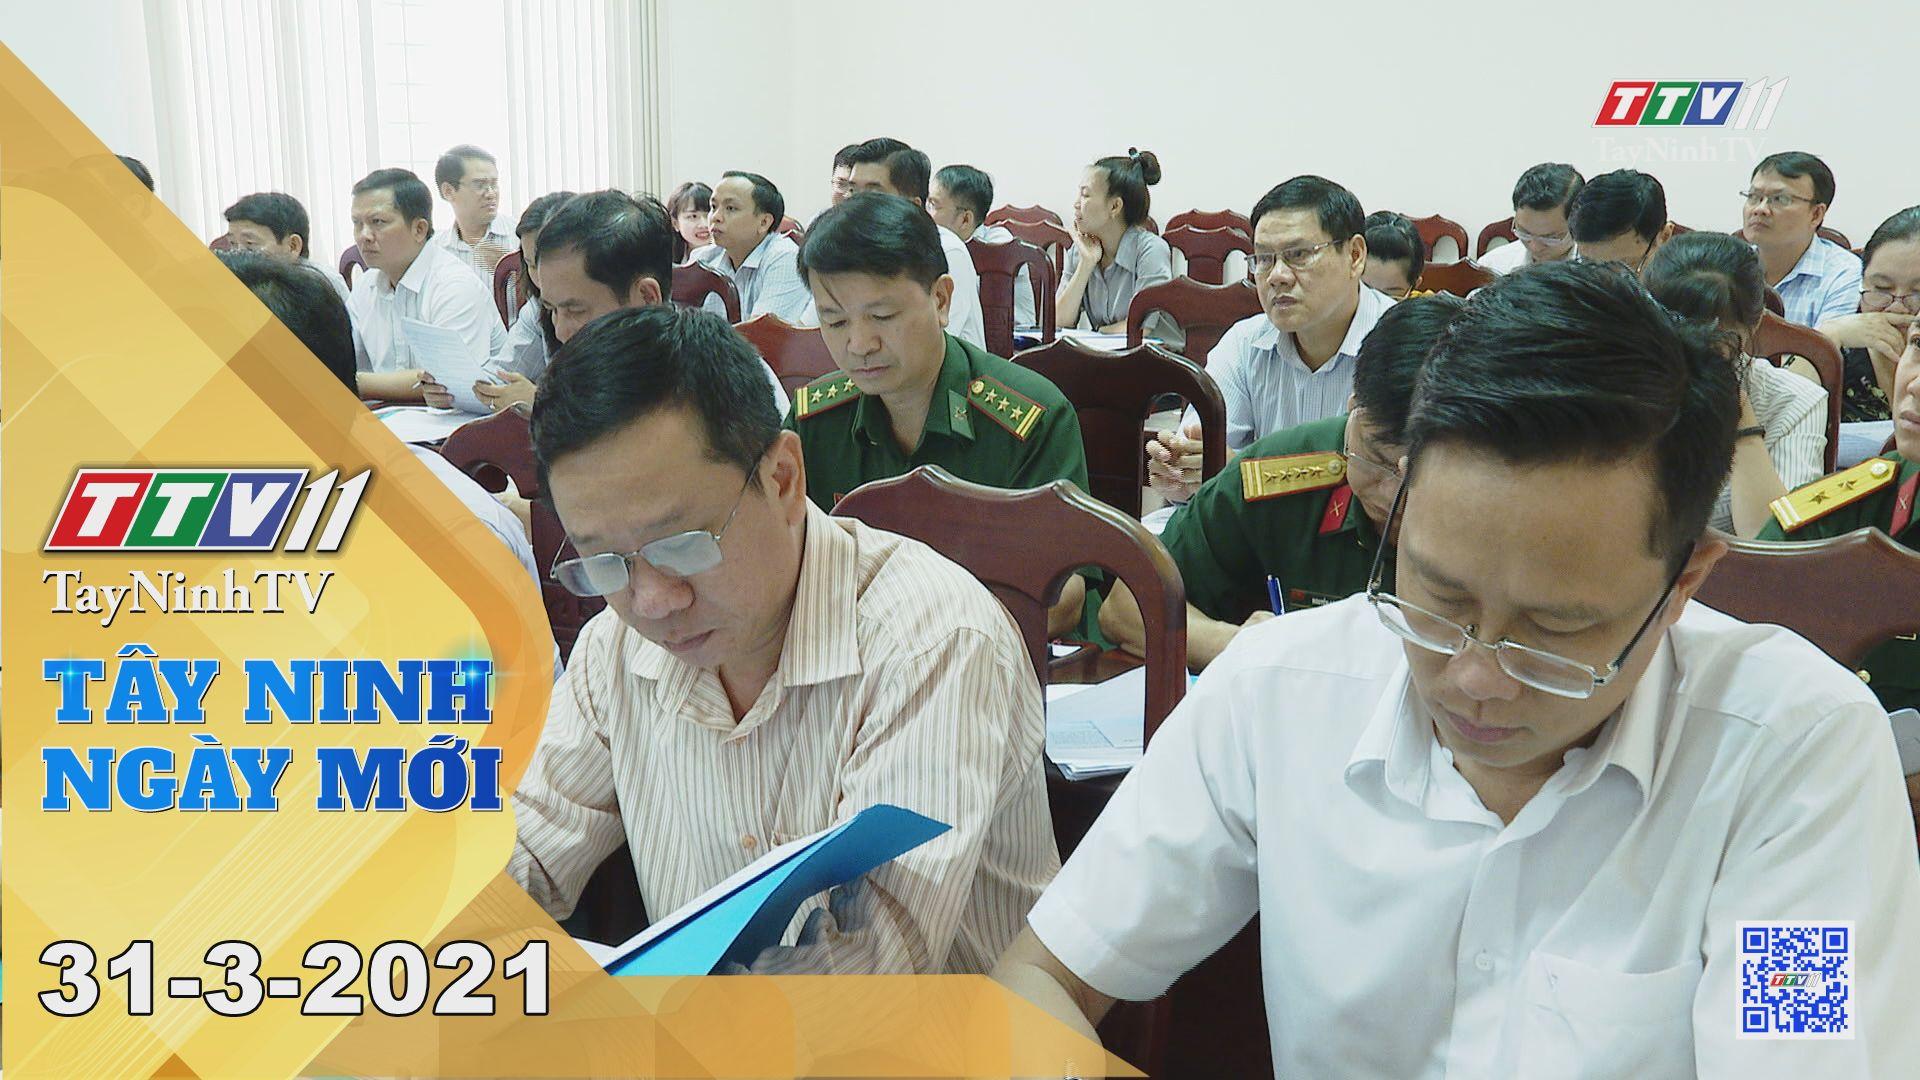 Tây Ninh Ngày Mới 31-3-2021 | Tin tức hôm nay | TayNinhTV